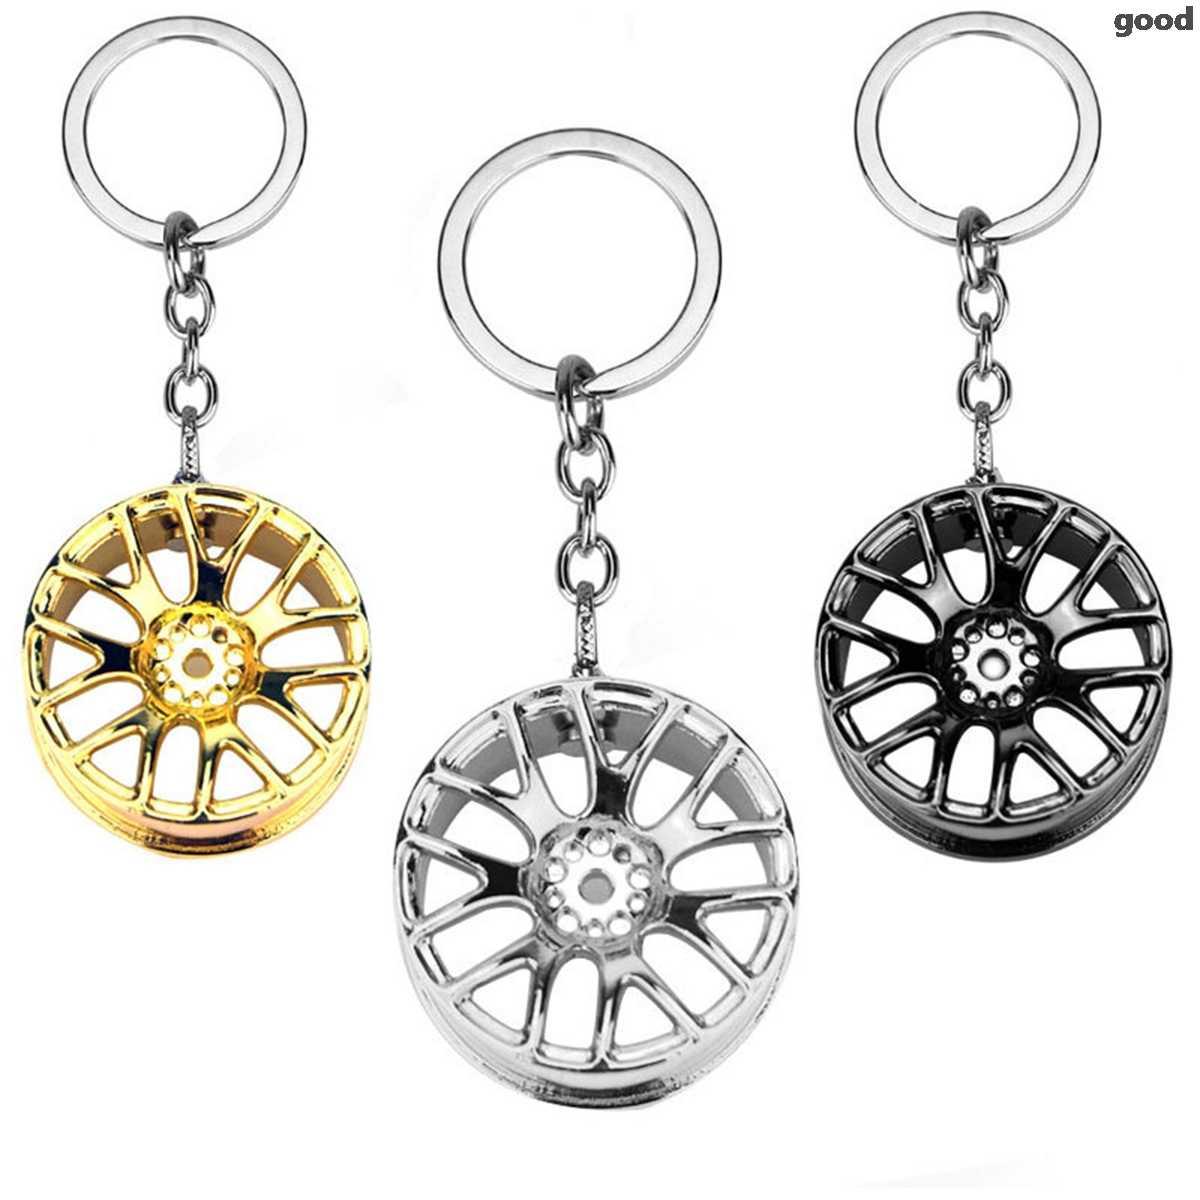 Jante de voiture en métal modèle Mini pneu porte-clés anneau pour Renault bmw audi lada opel skoda mazda ford fiat siège VOLVO Renault